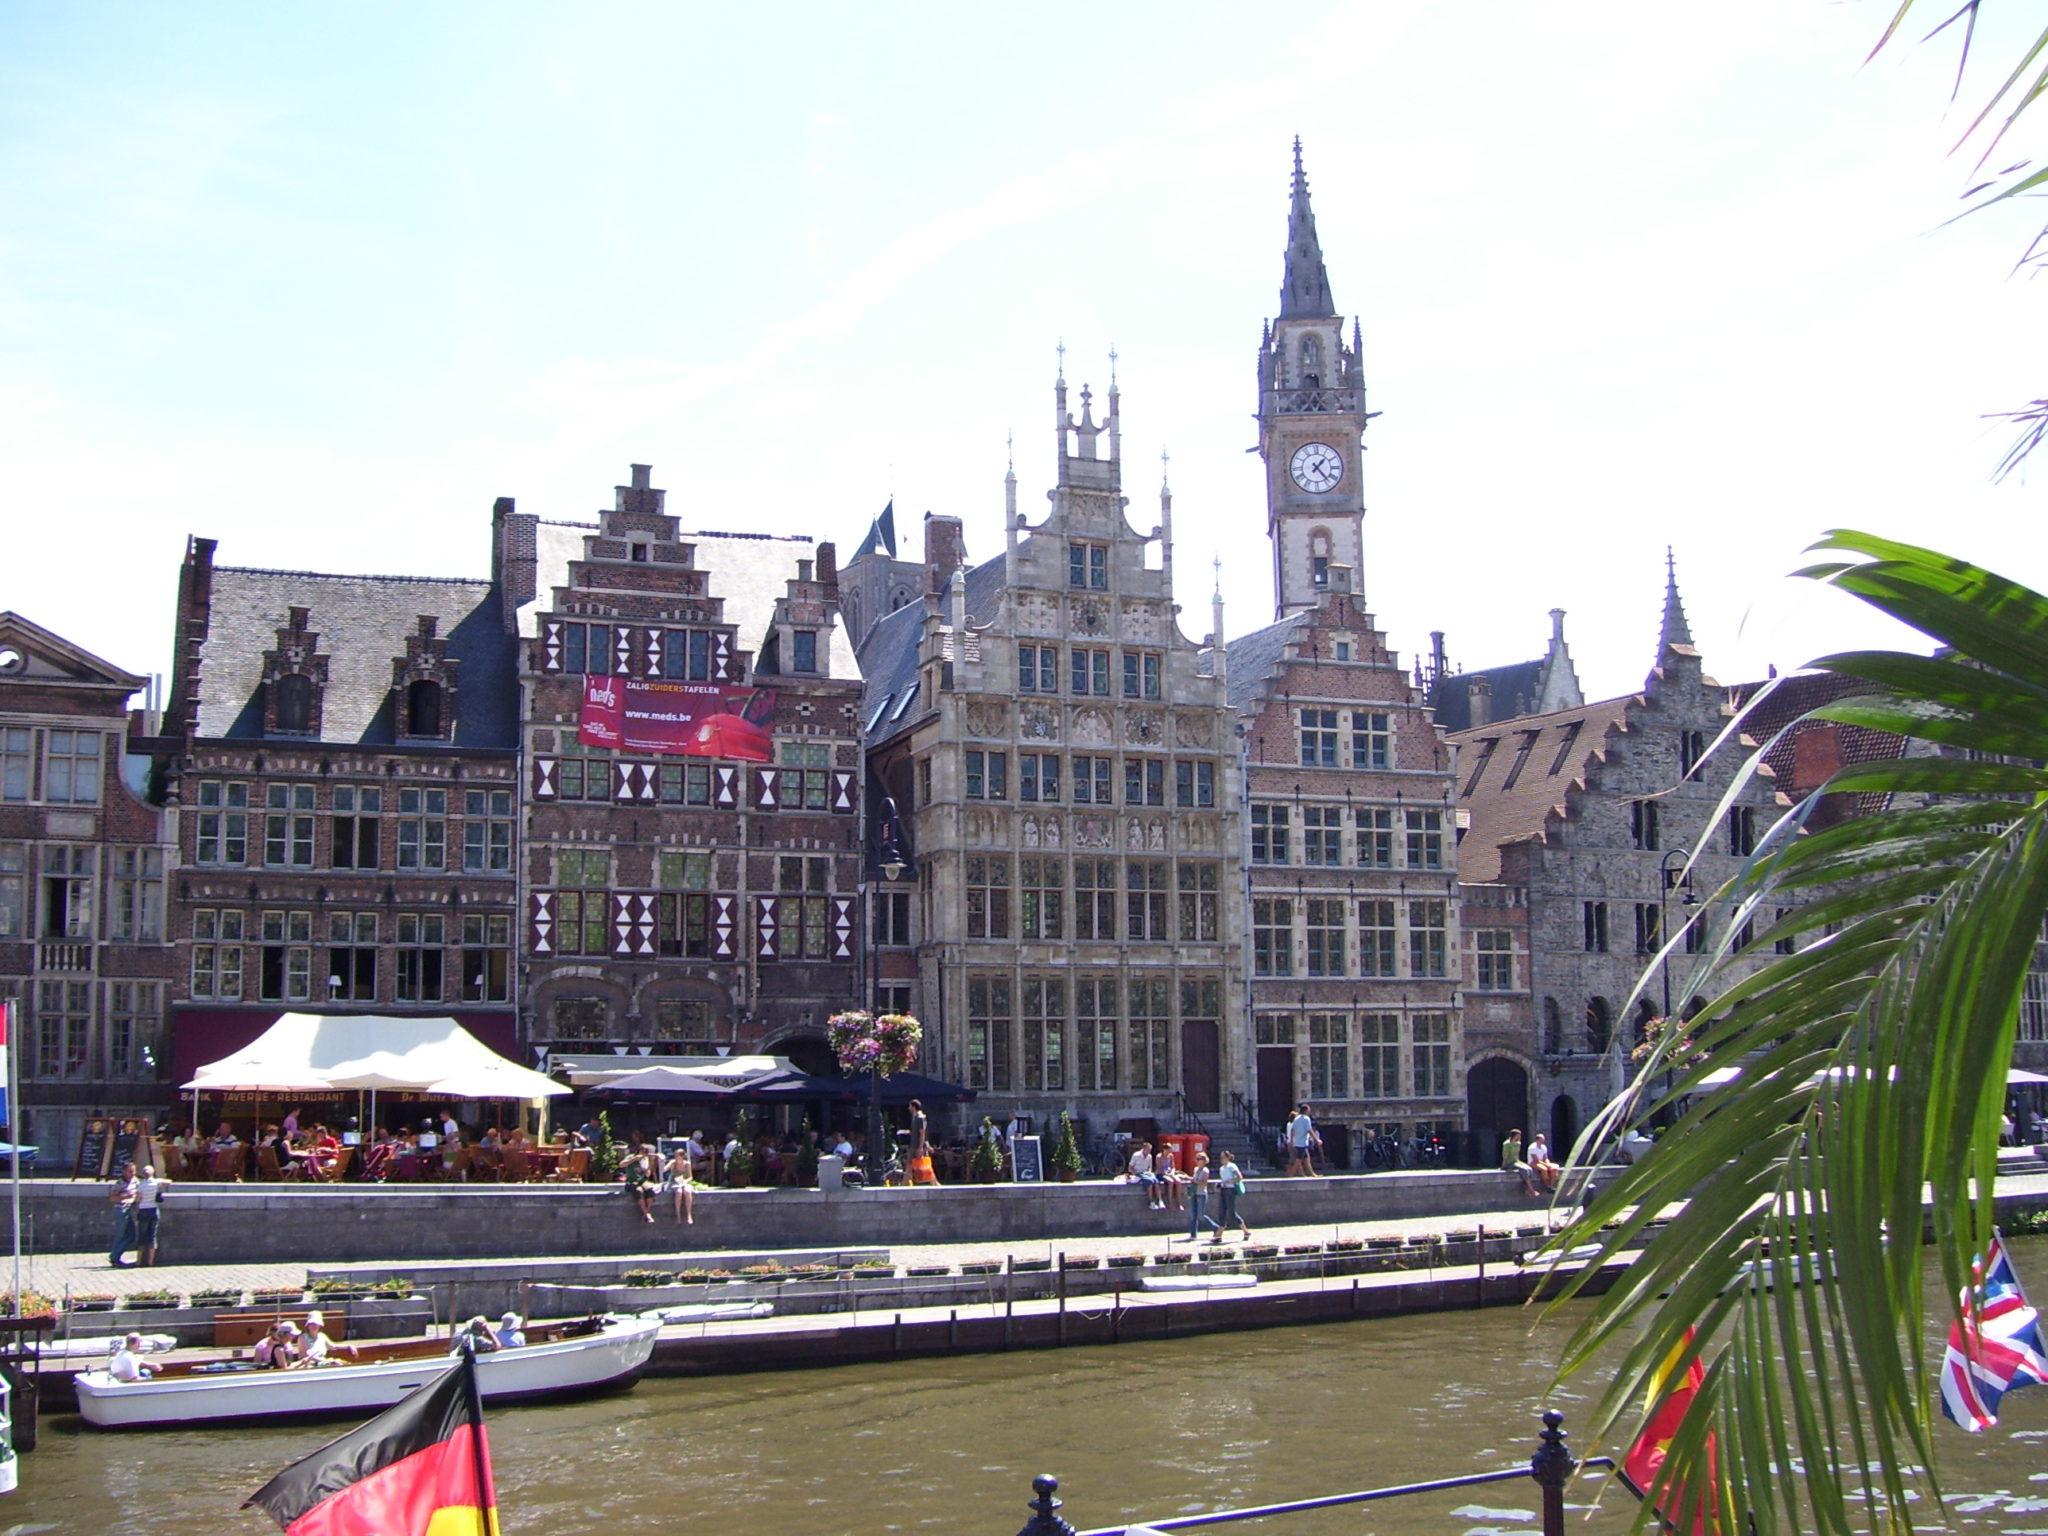 Ontdek eens een andere kant van de stad Gent.